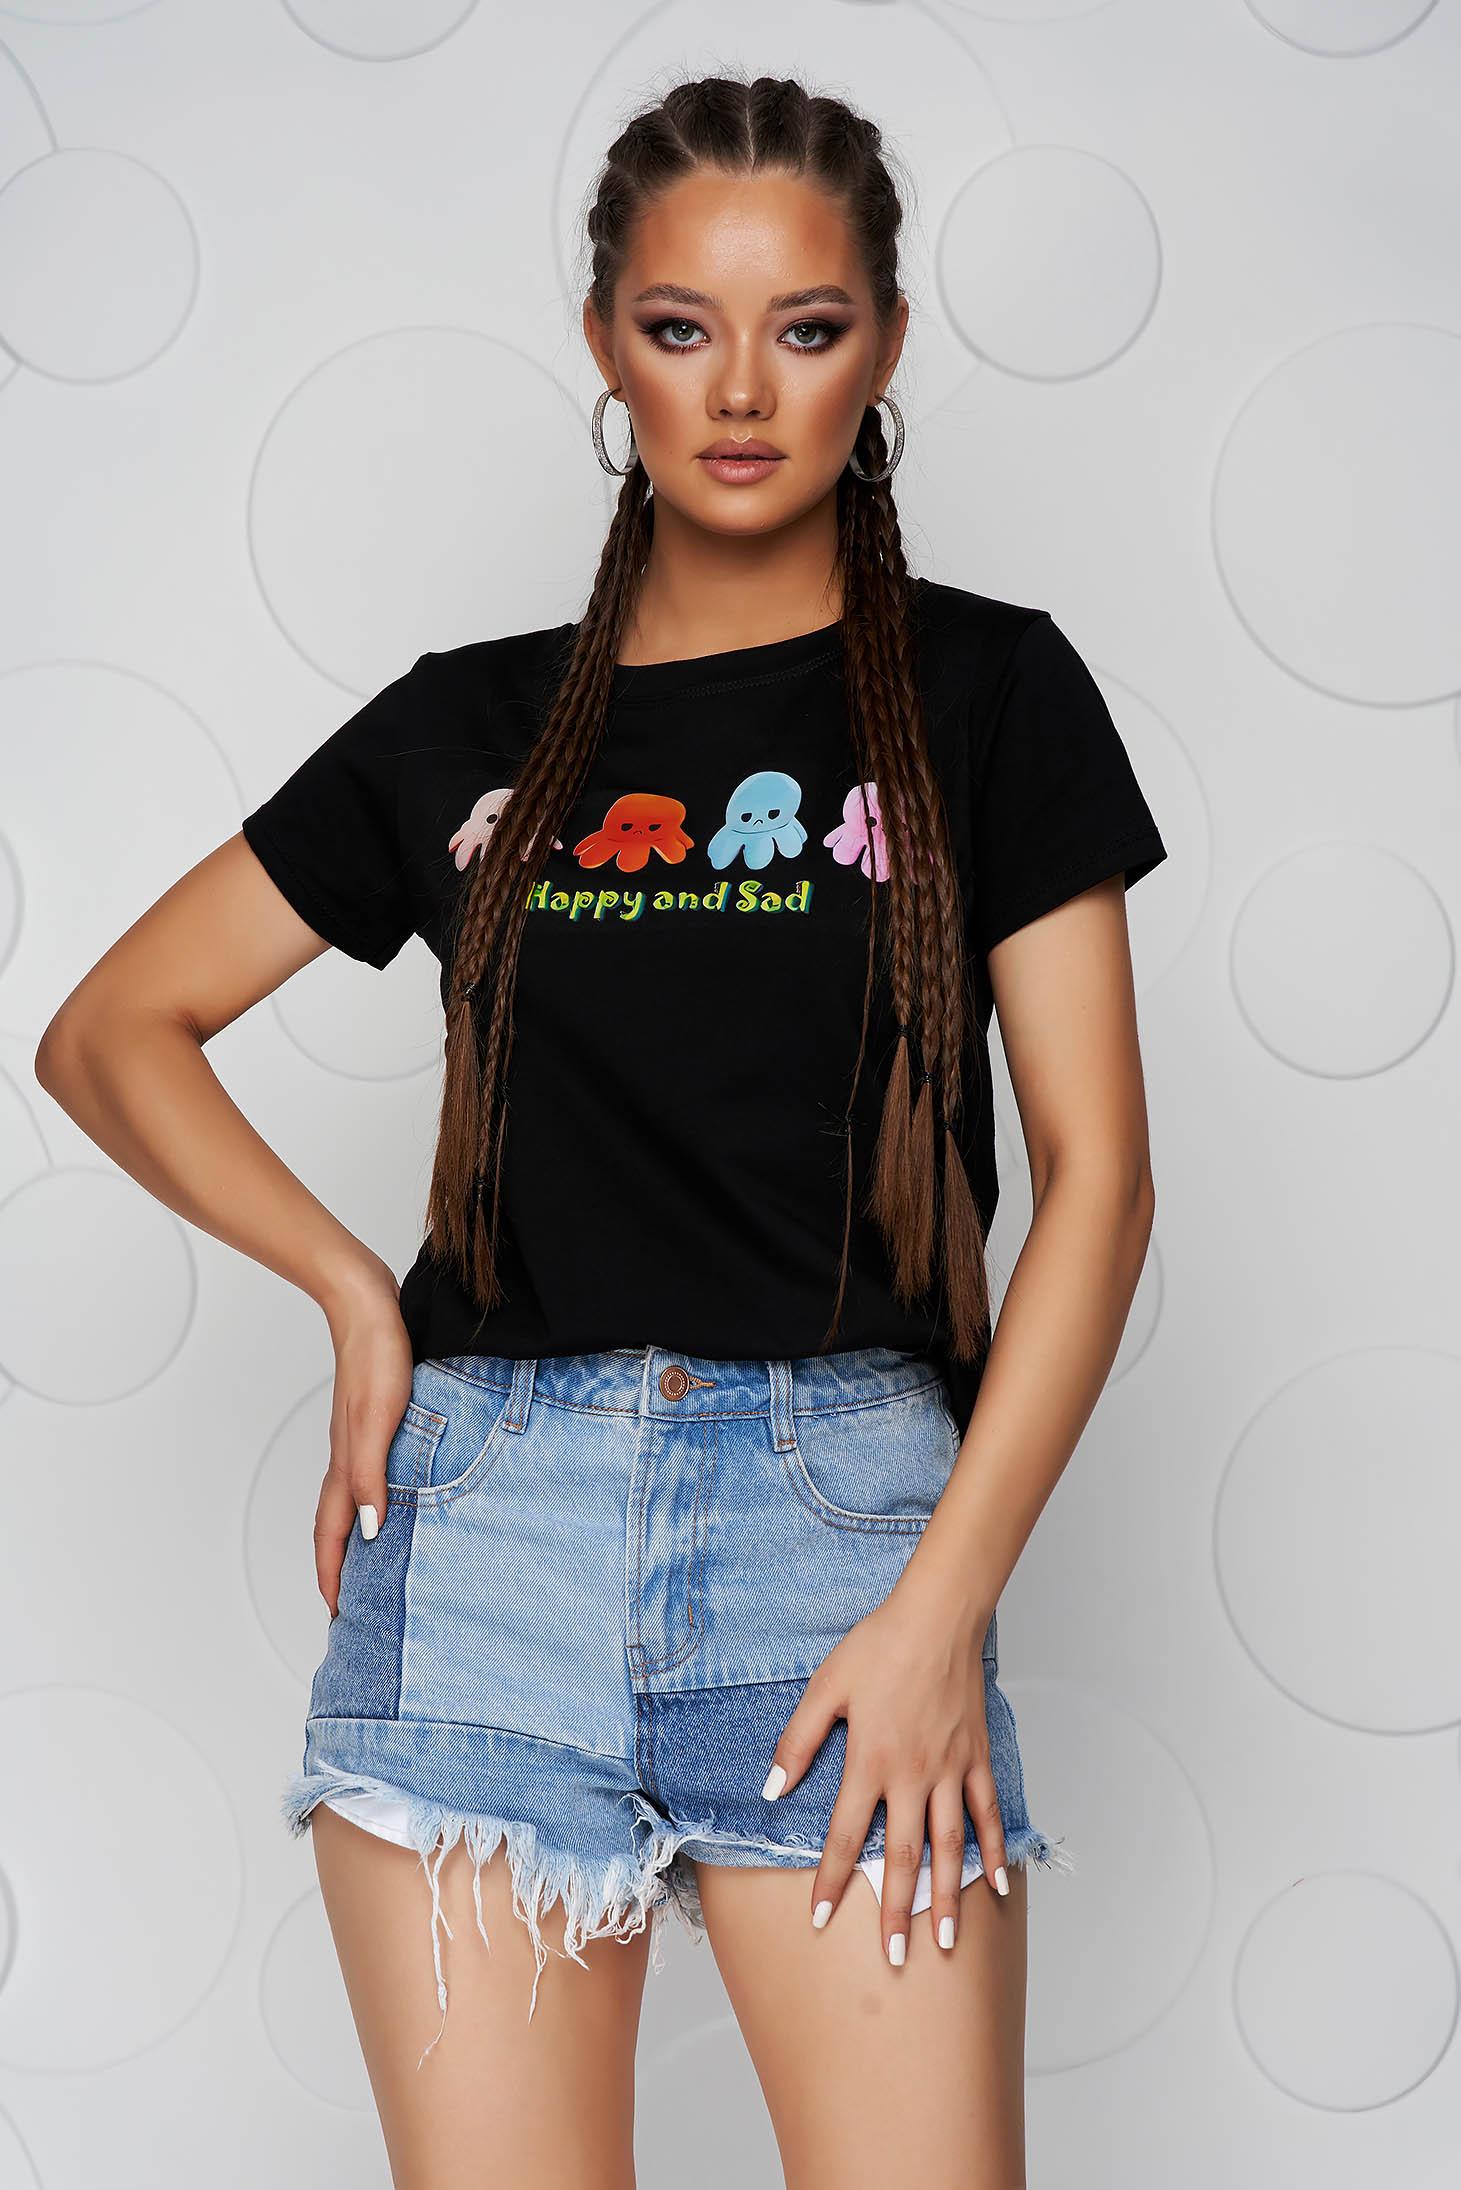 Fekete pamutból készült bő szabású póló kerekített dekoltázssal grafikai díszítéssel